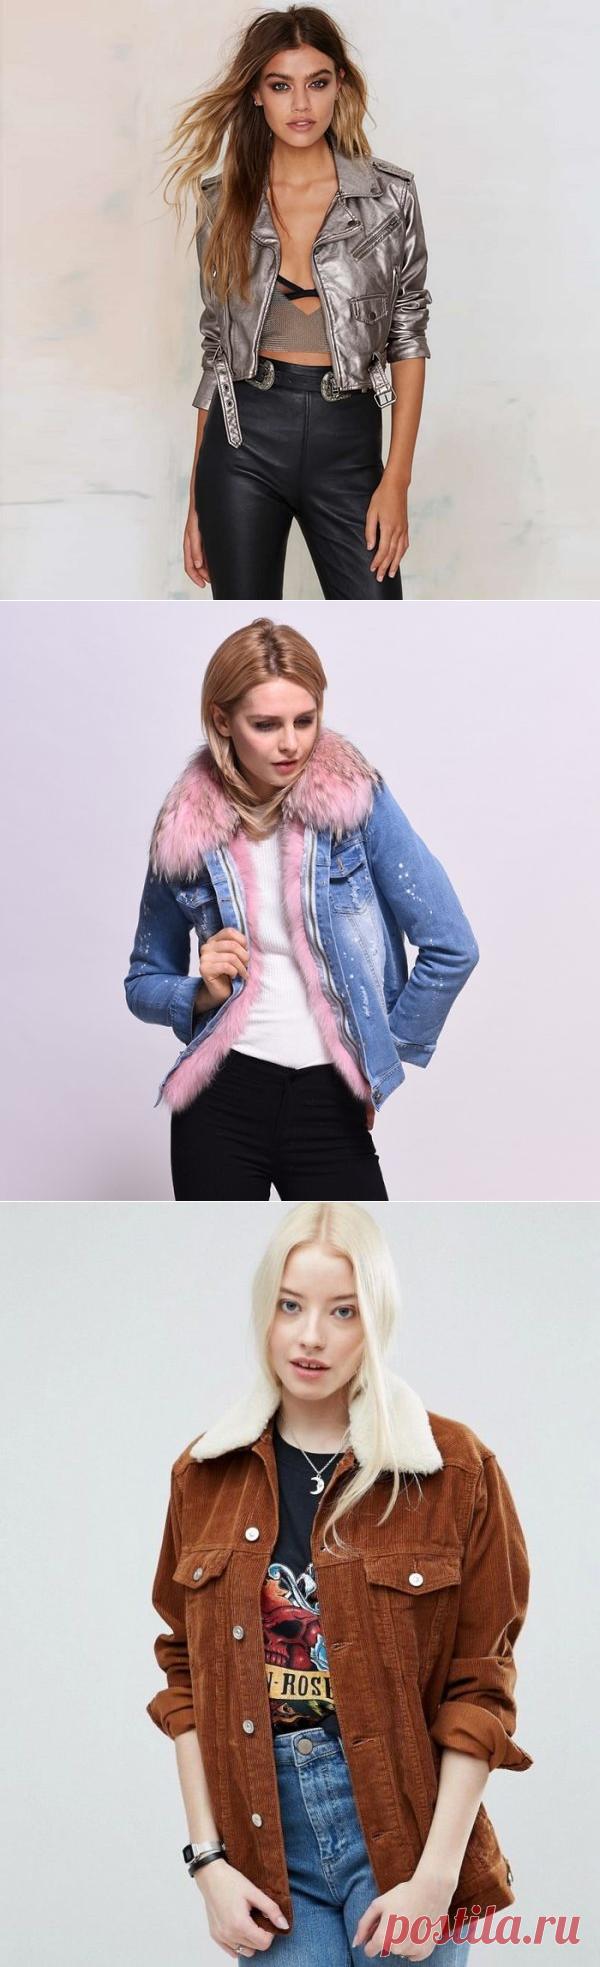 Какие модные куртки мы будем носить осенью и зимой? Самые трендовые модели 2018-2019 года